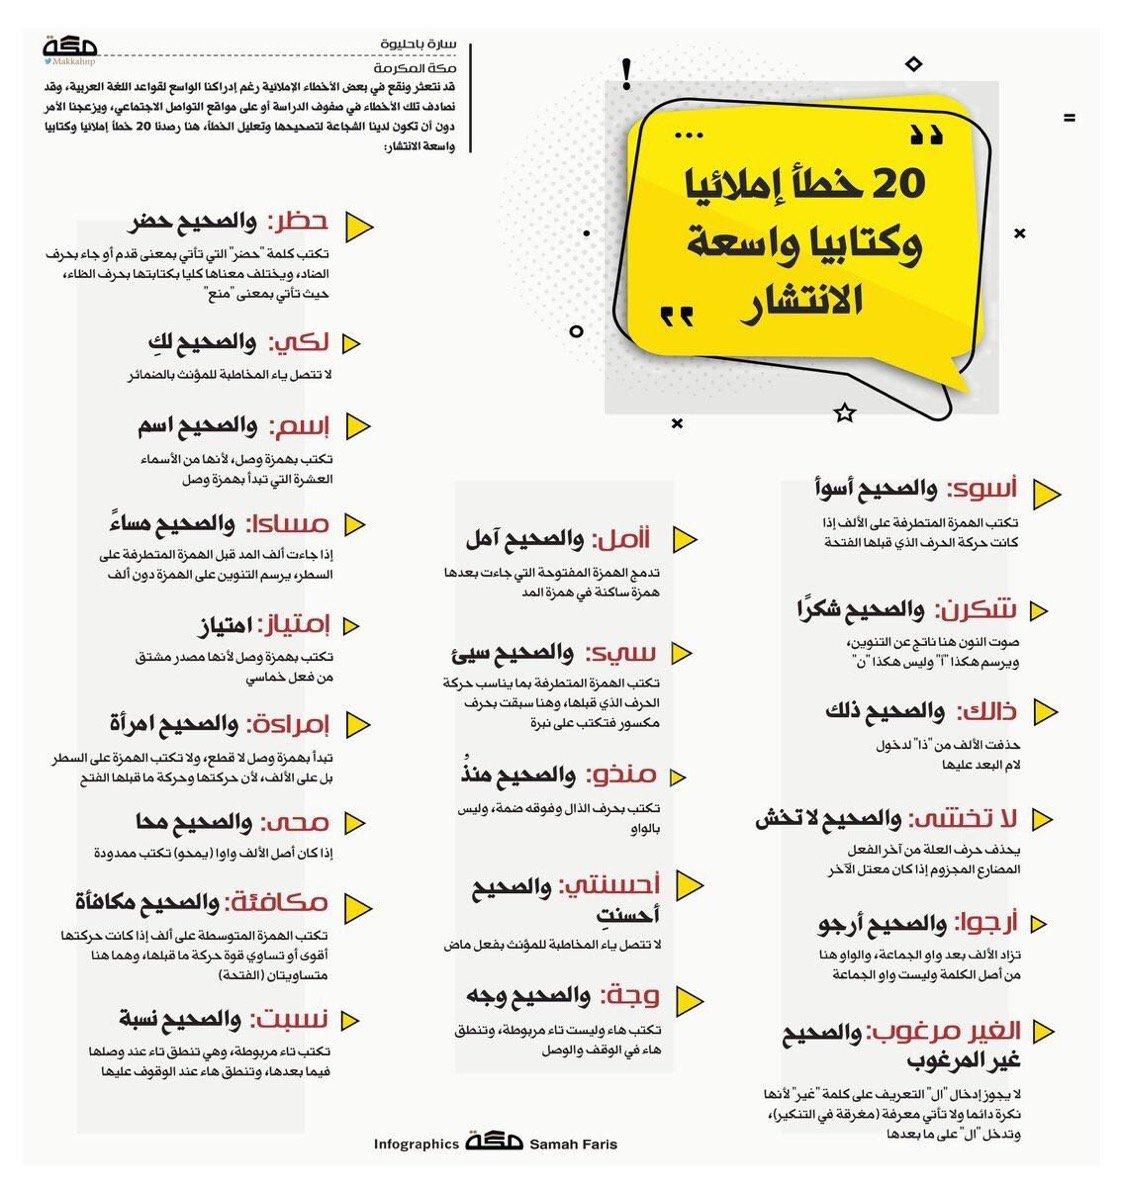 أكثر 20 خطأ إملائيا وكتابيا شائعاً بين الناس. https://t.co/QKwhaoVASq